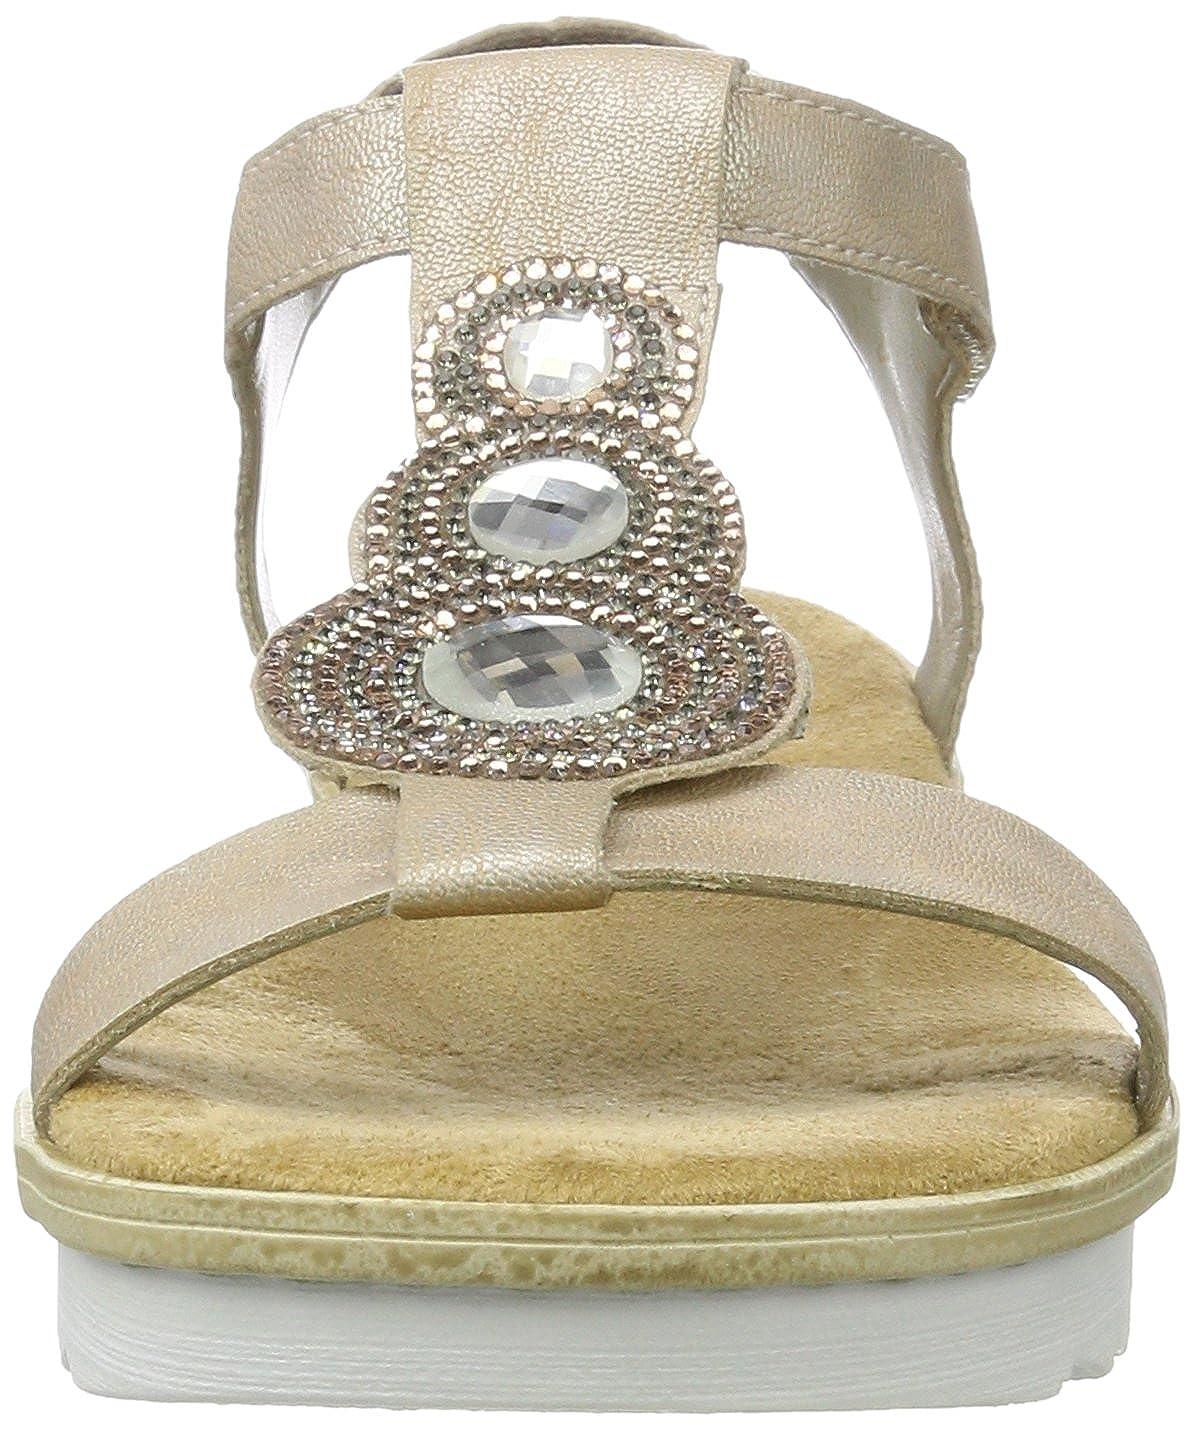 Rieker Damen 63184 Offene Sandalen mit Keilabsatz, Beige